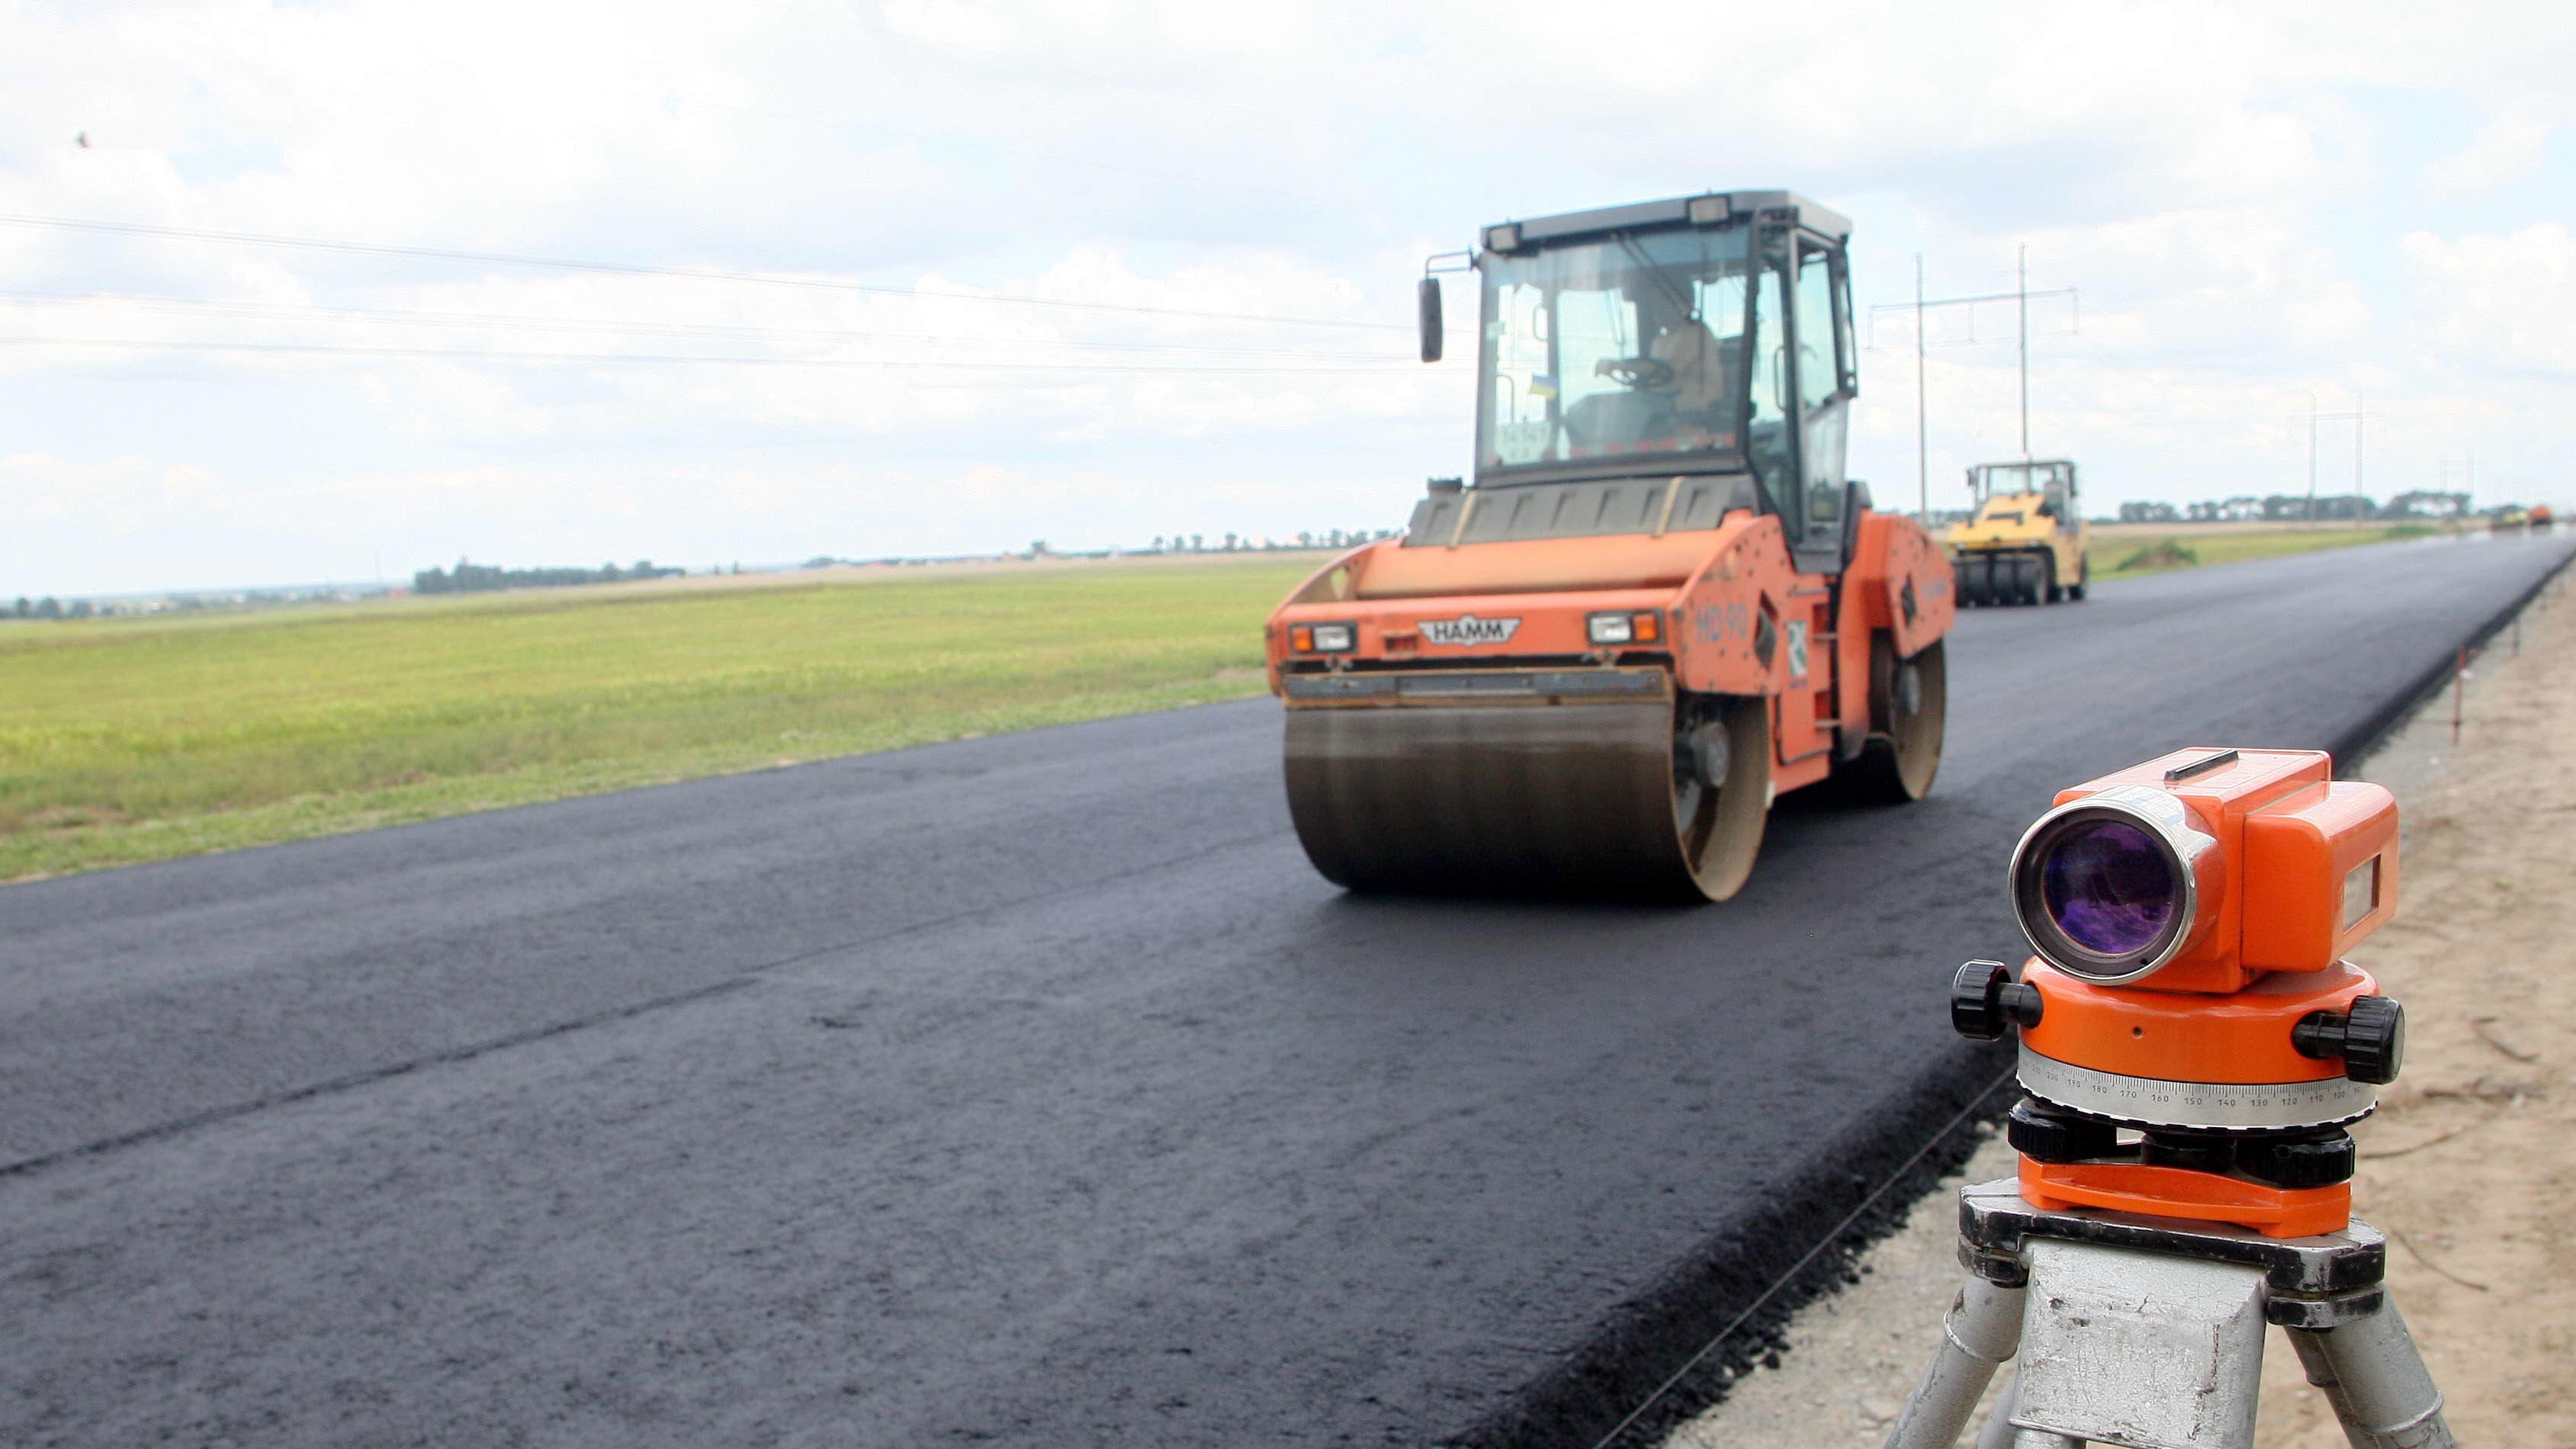 Прем'єр-міністр повідомив про ремонт міжнародної траси, що проходить Франківщиною (відеофакт)